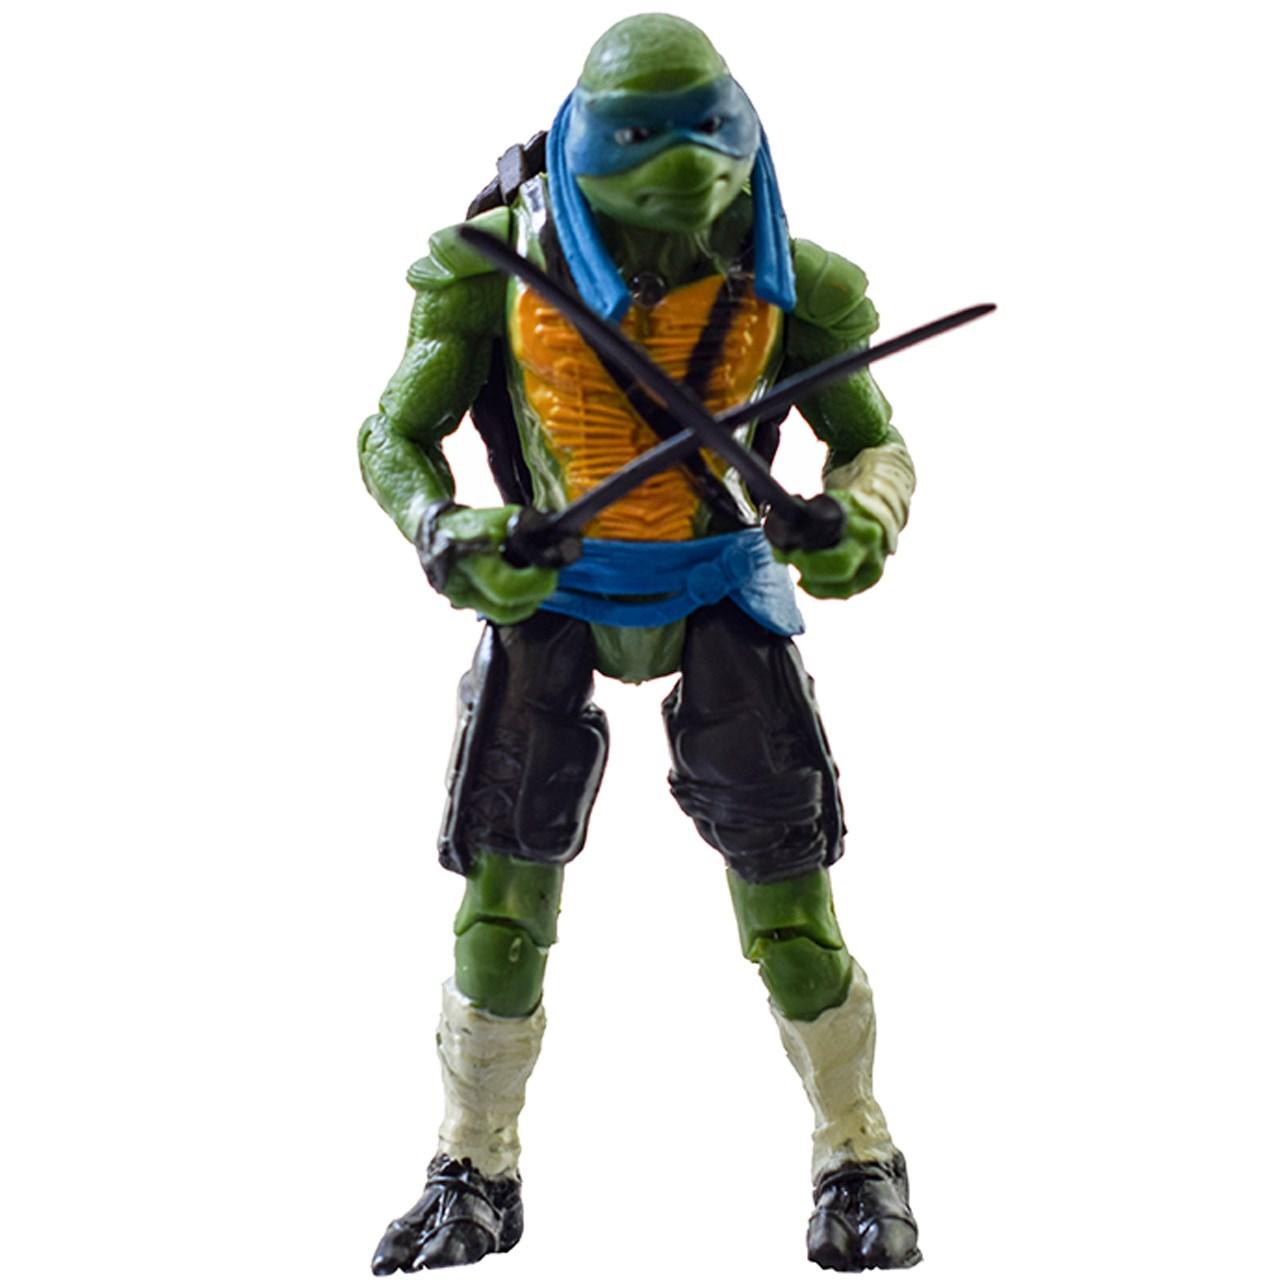 اکشن فیگور آناترا سری Ninja Turtles مدل Leonardo